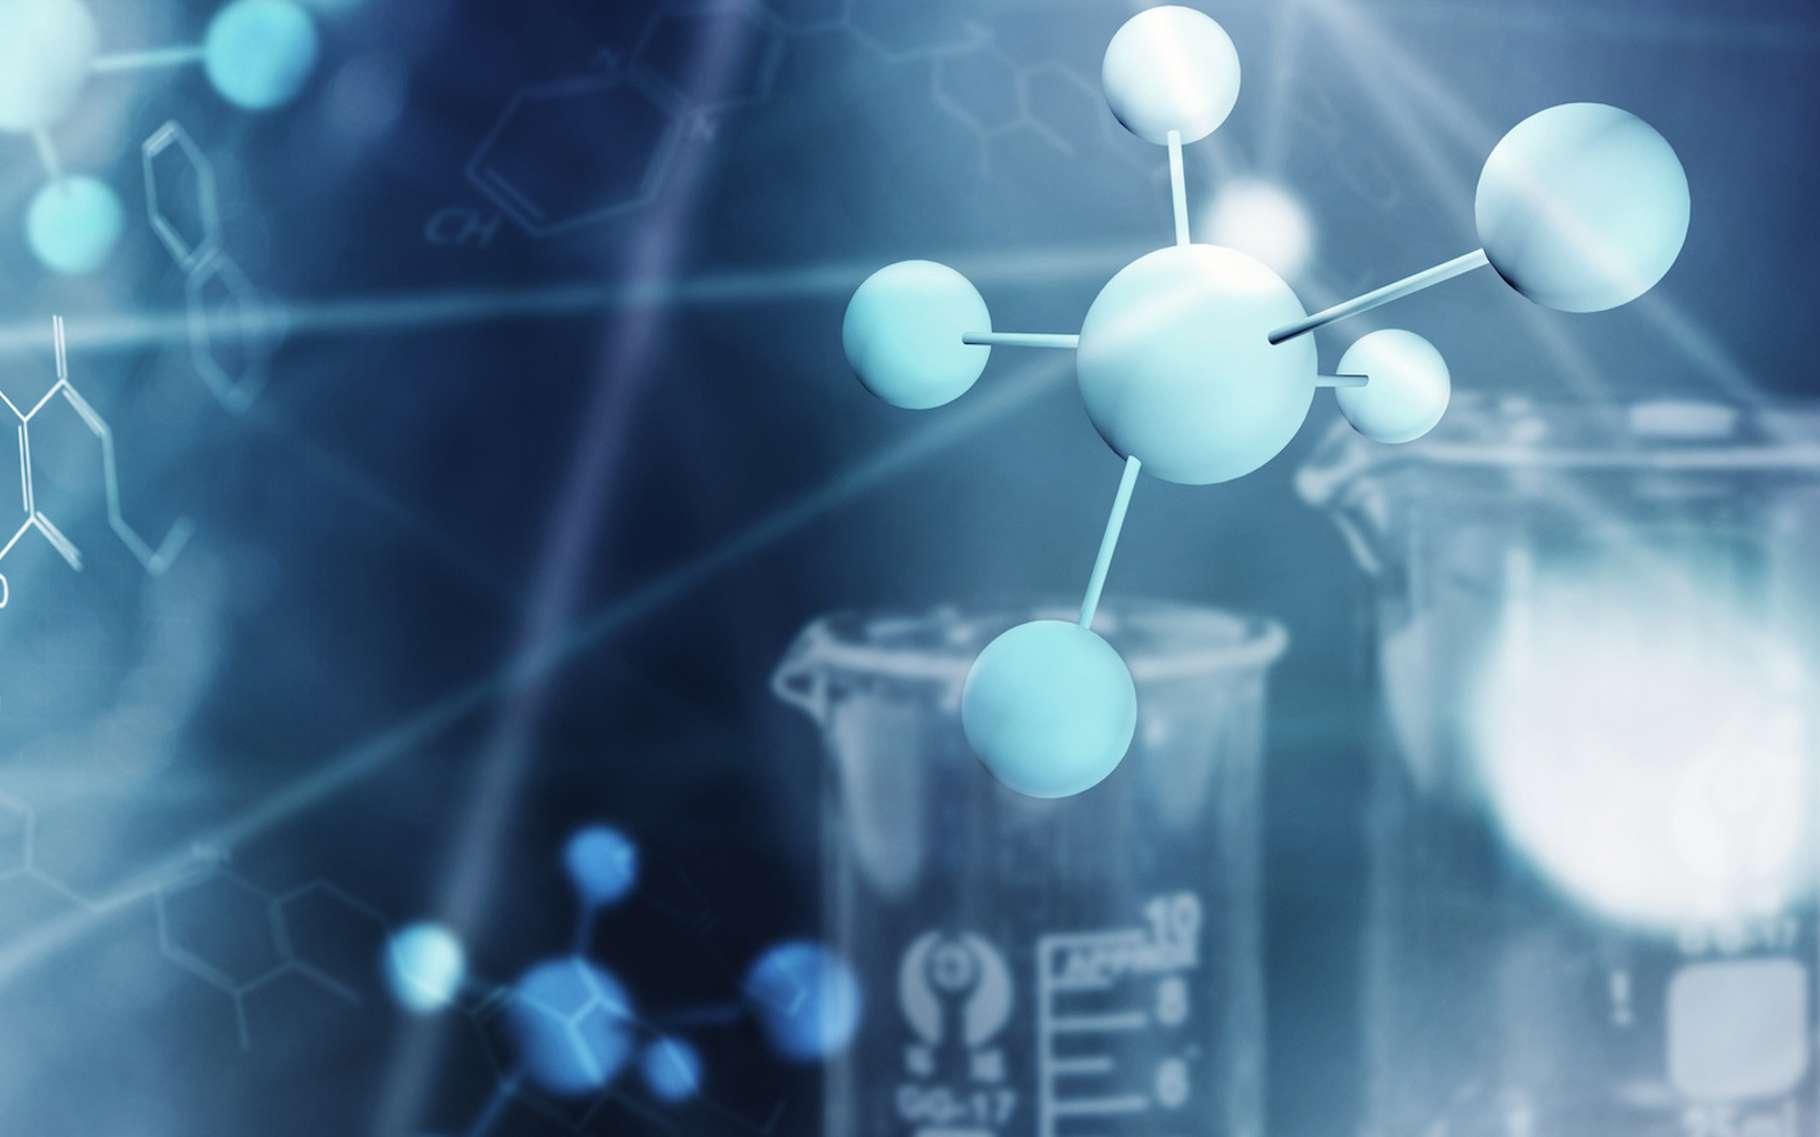 Des chercheurs ont réussi à créer un réseau dynamique de réactions chimiques, proche de ce que l'on peut retrouver aujourd'hui dans la biochimie du vivant. © m.mphoto, Fotolia